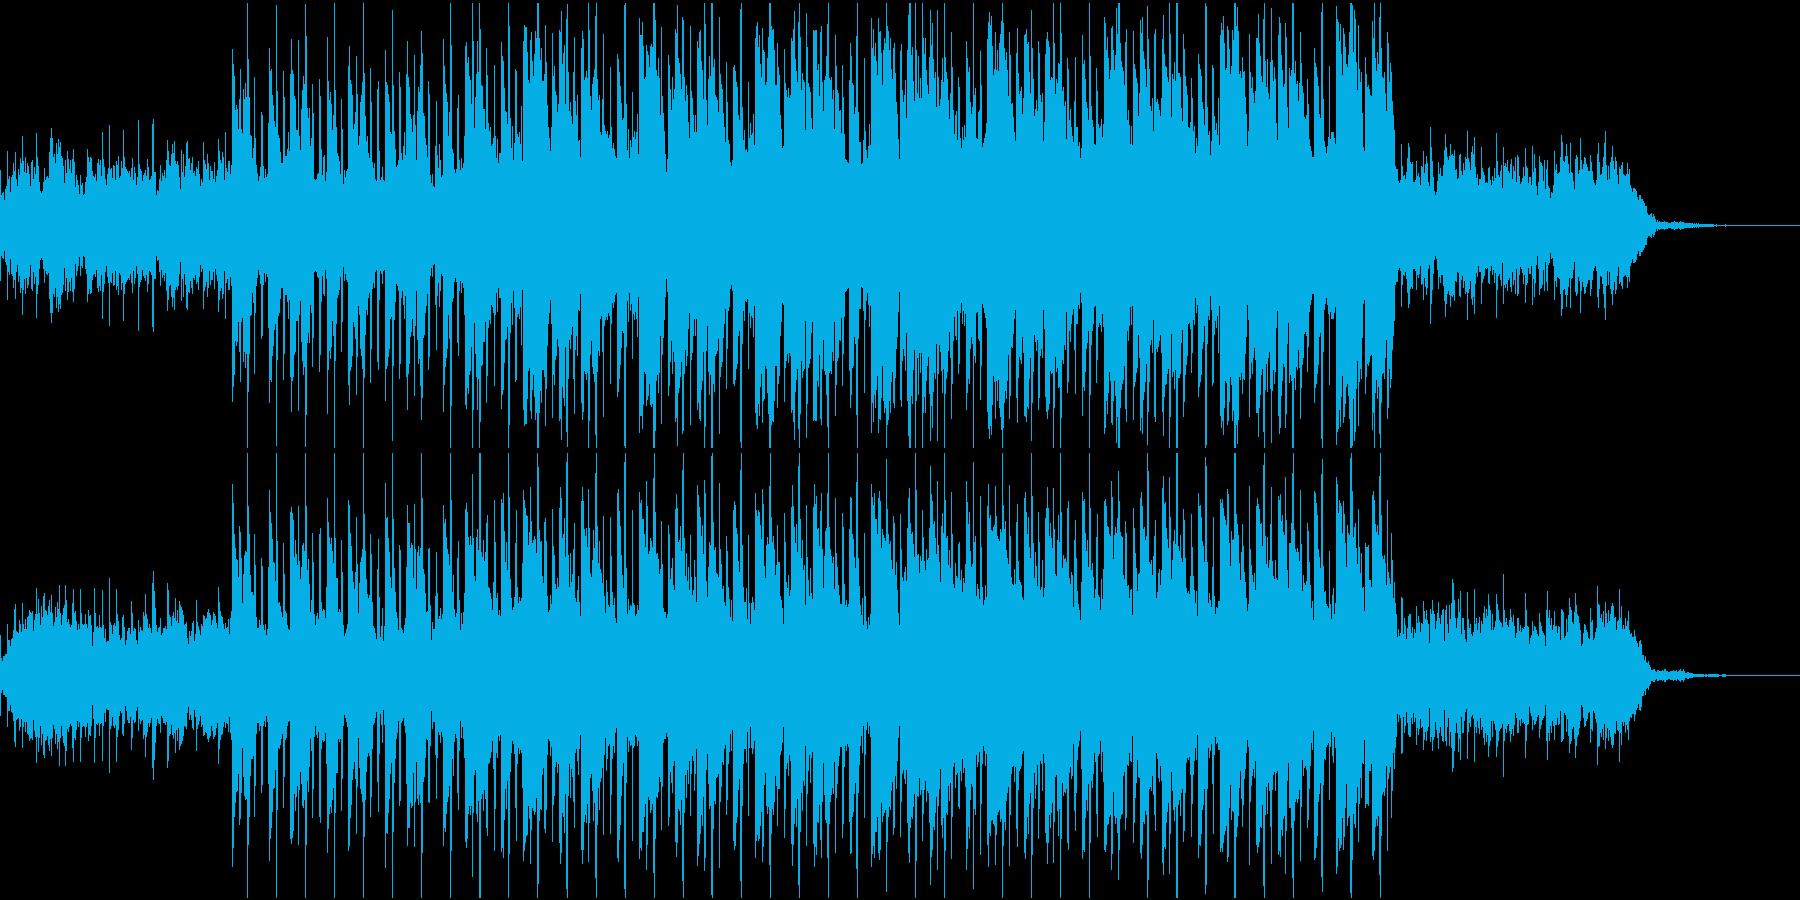 哀愁 アコースティック バラードの再生済みの波形